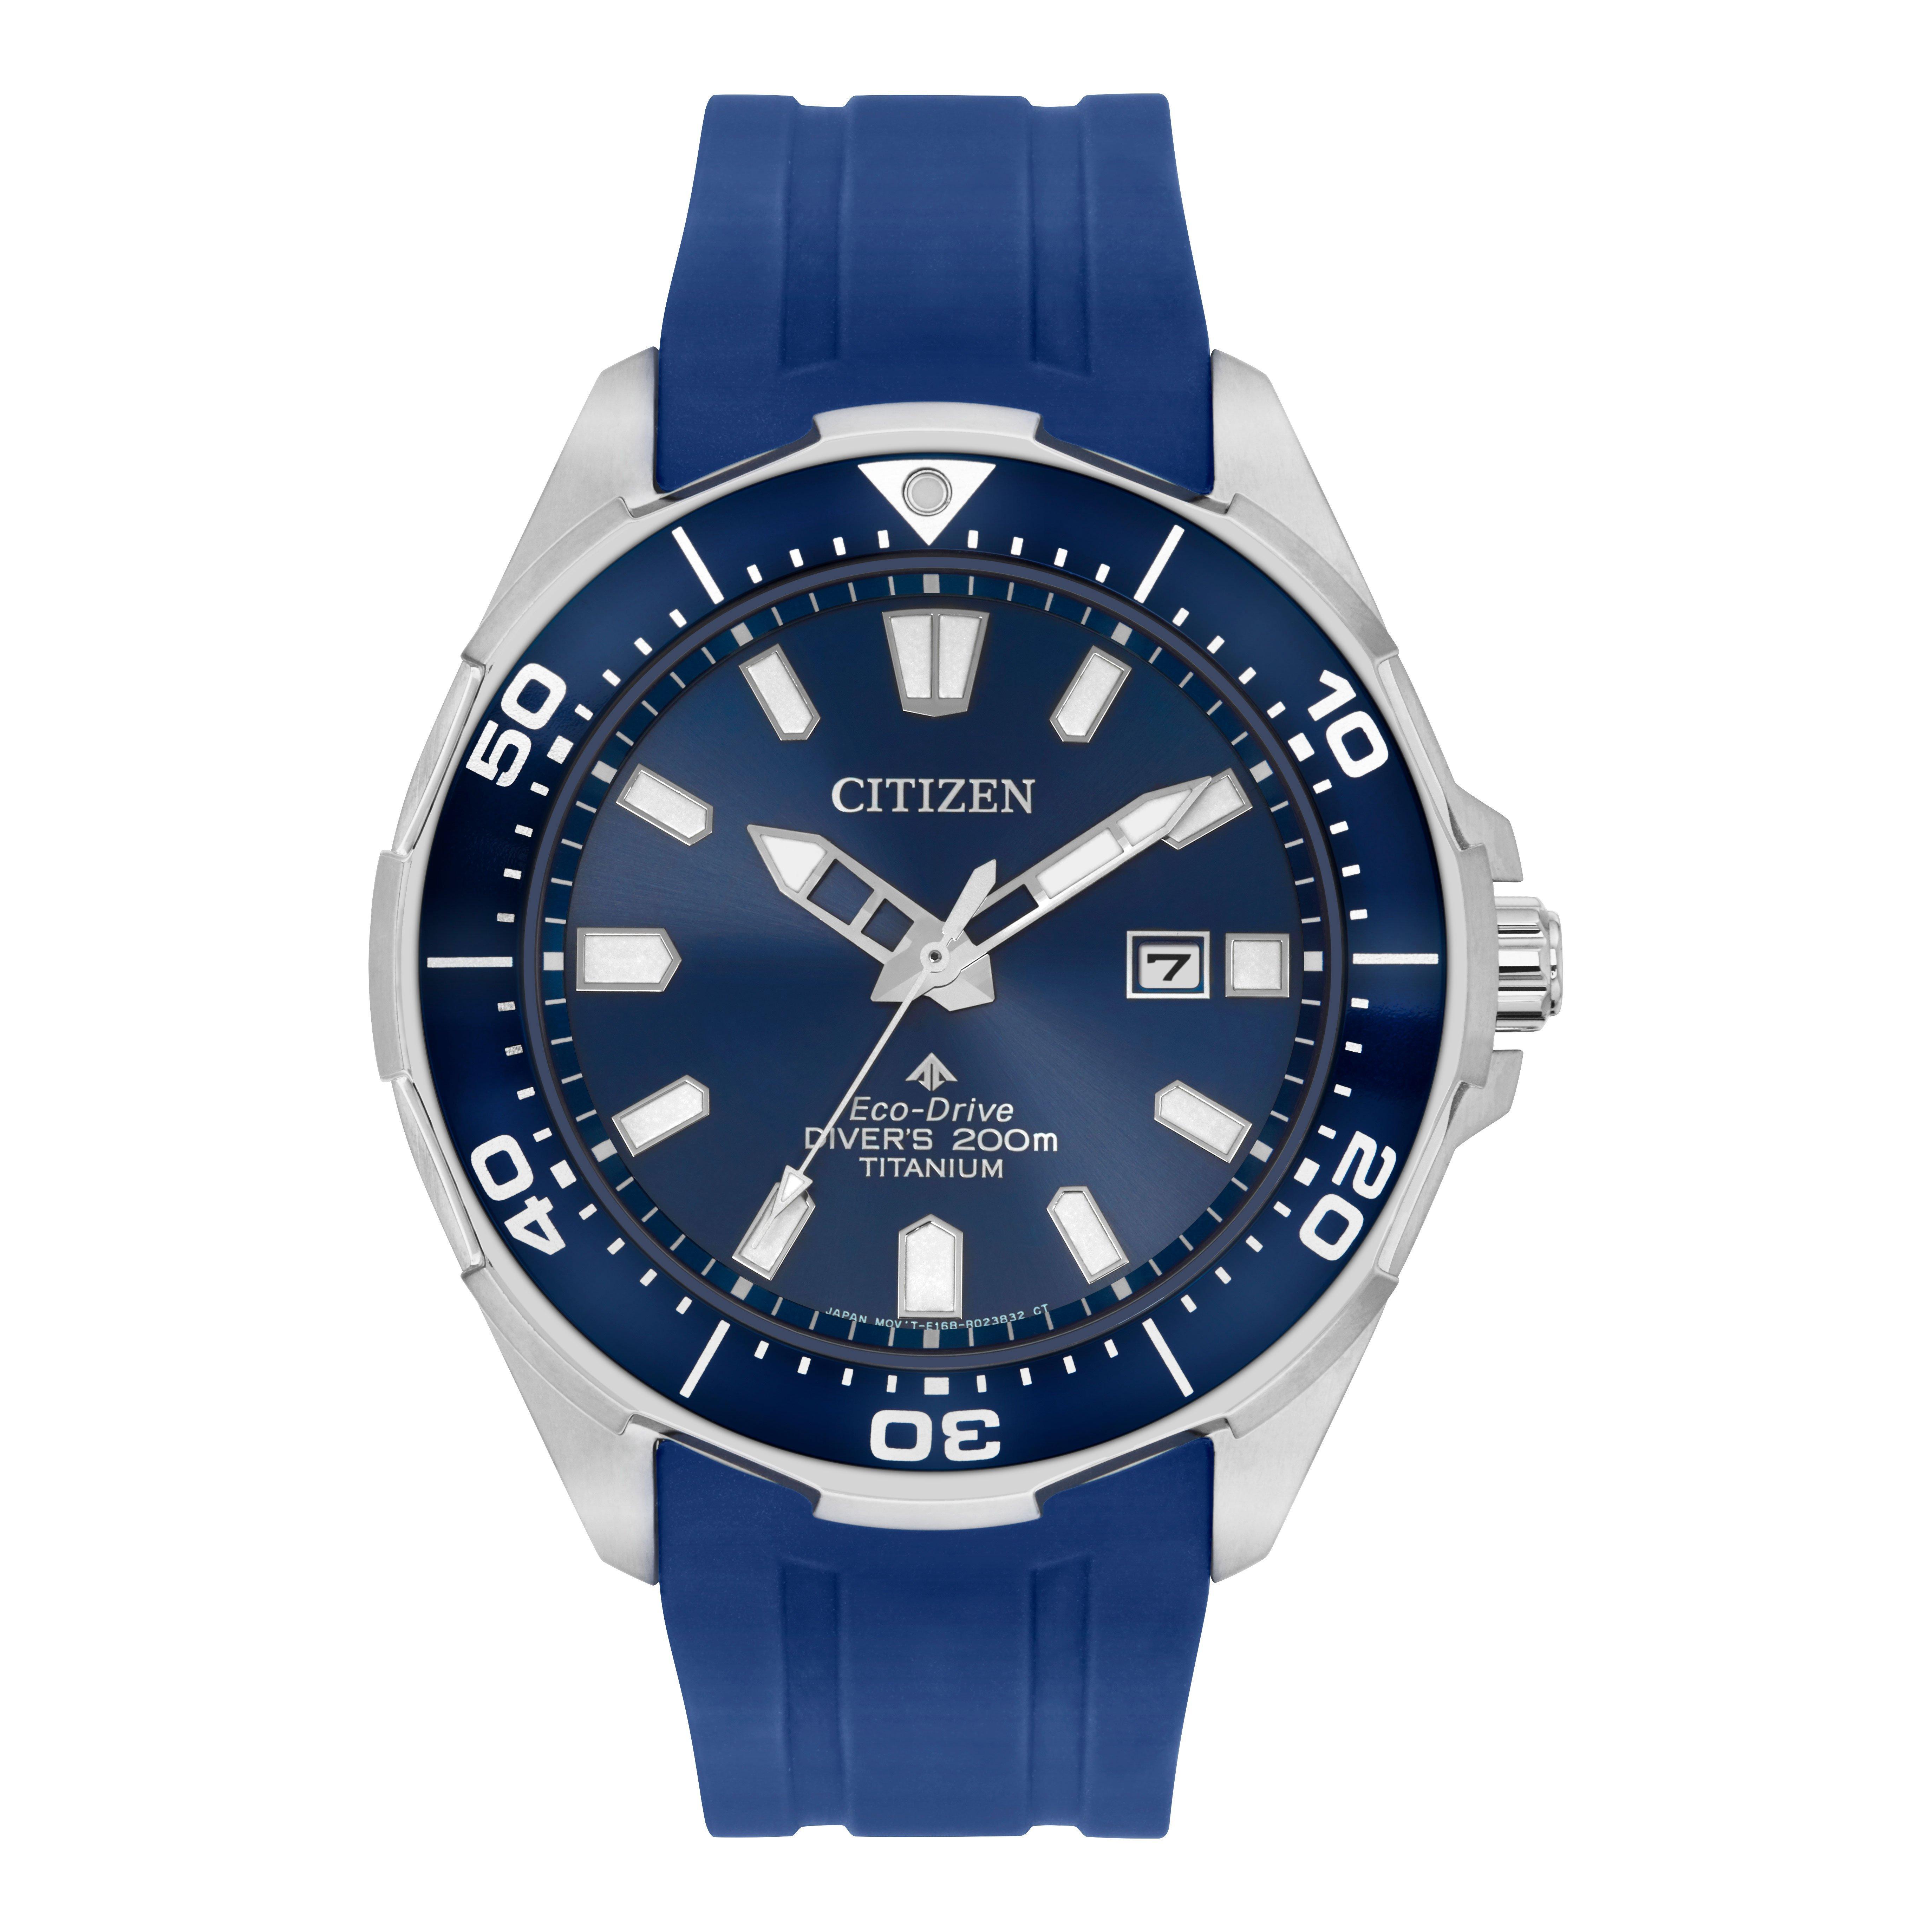 Citizen Eco-Drive Promaster Diver Titanium Men's Watch